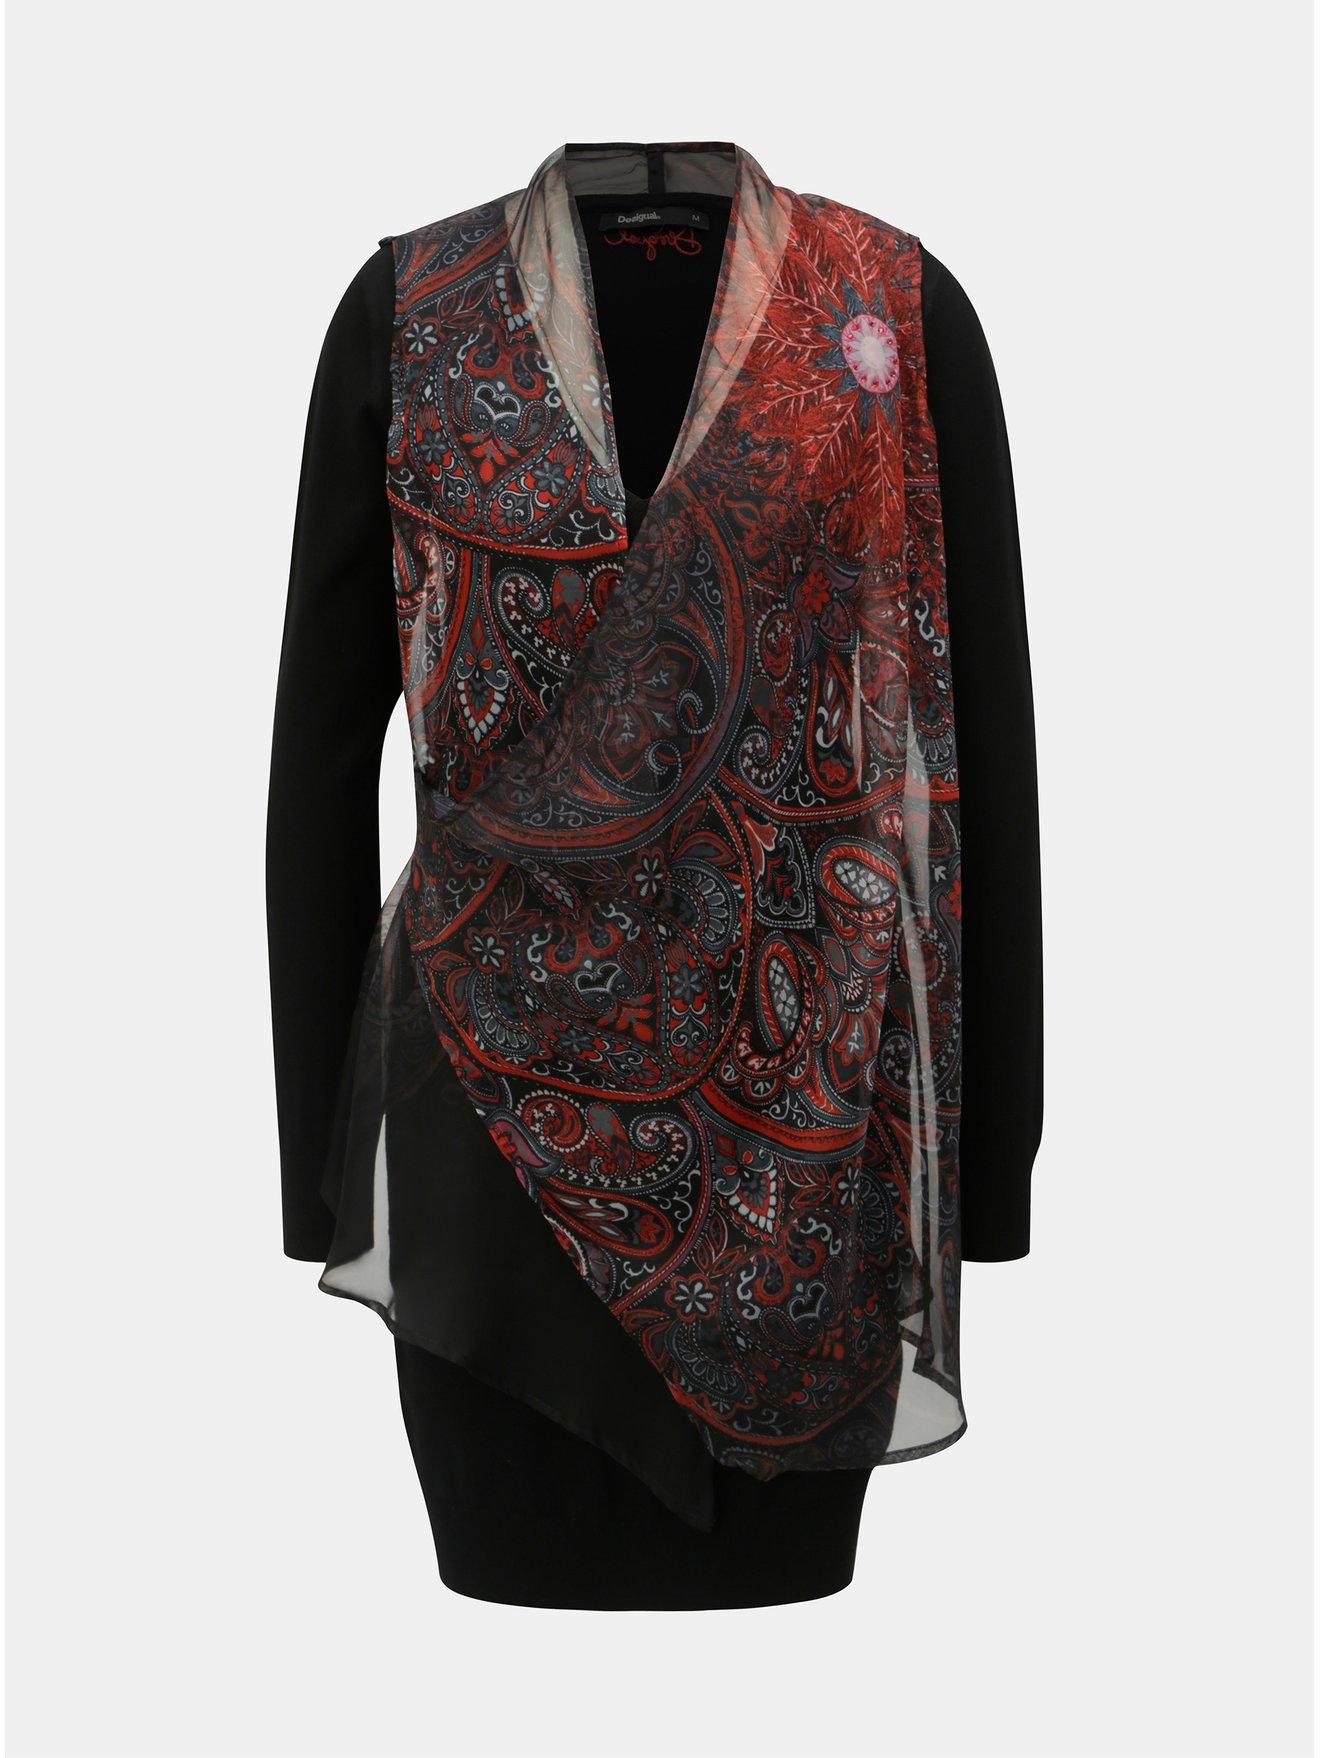 64b07524be4e Černé pouzdrové šaty s variabilním vzorovaným šátkem Desigual Bernard